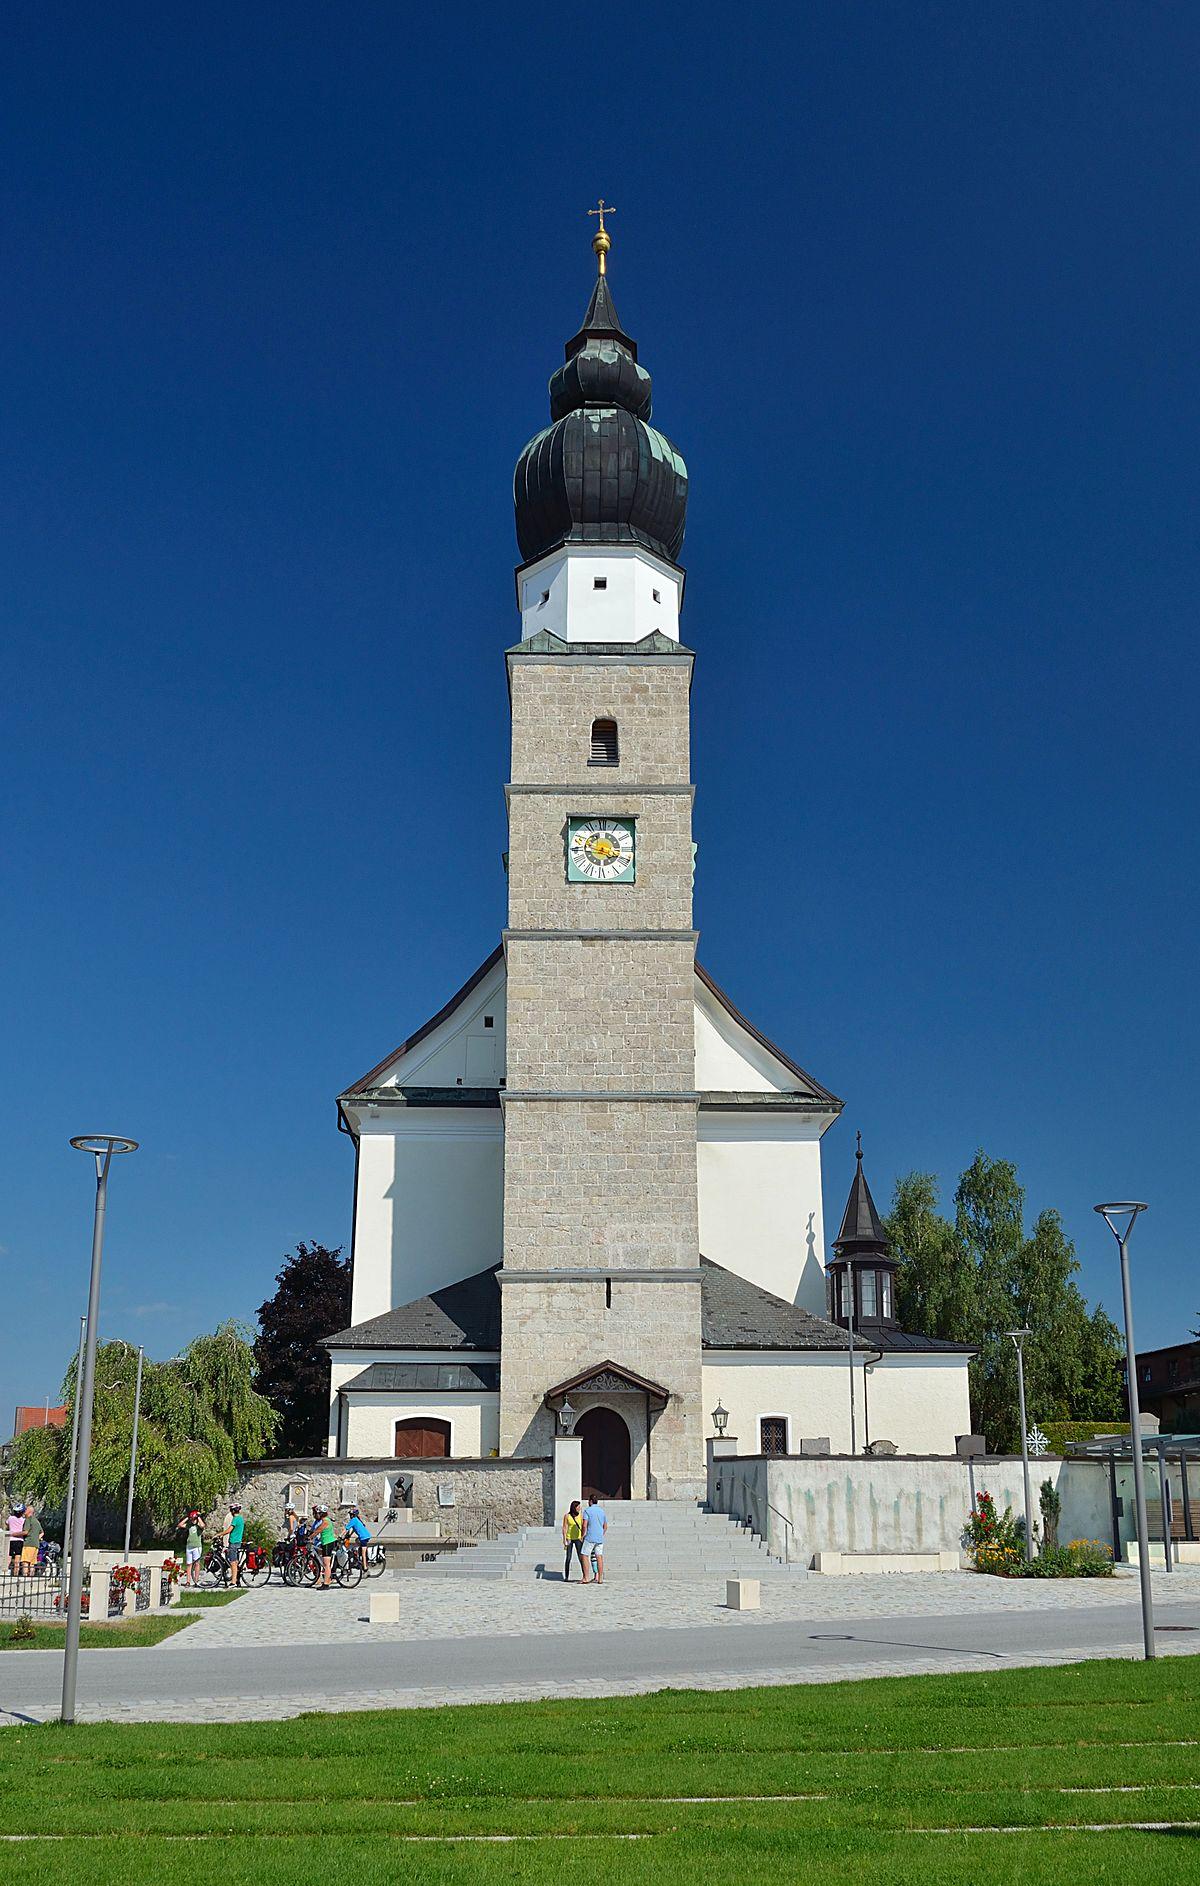 Eugendorf